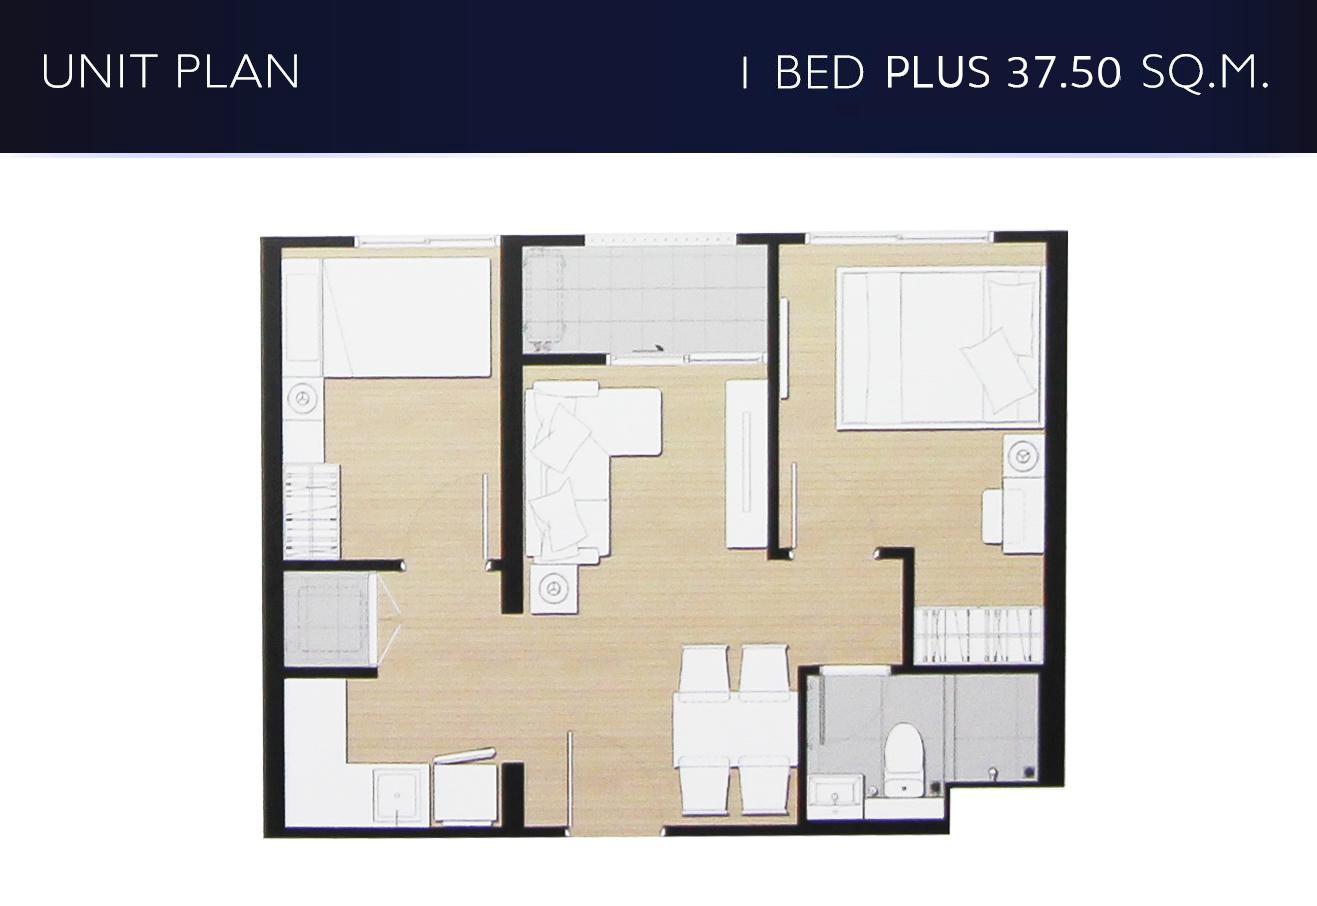 1 bed plus